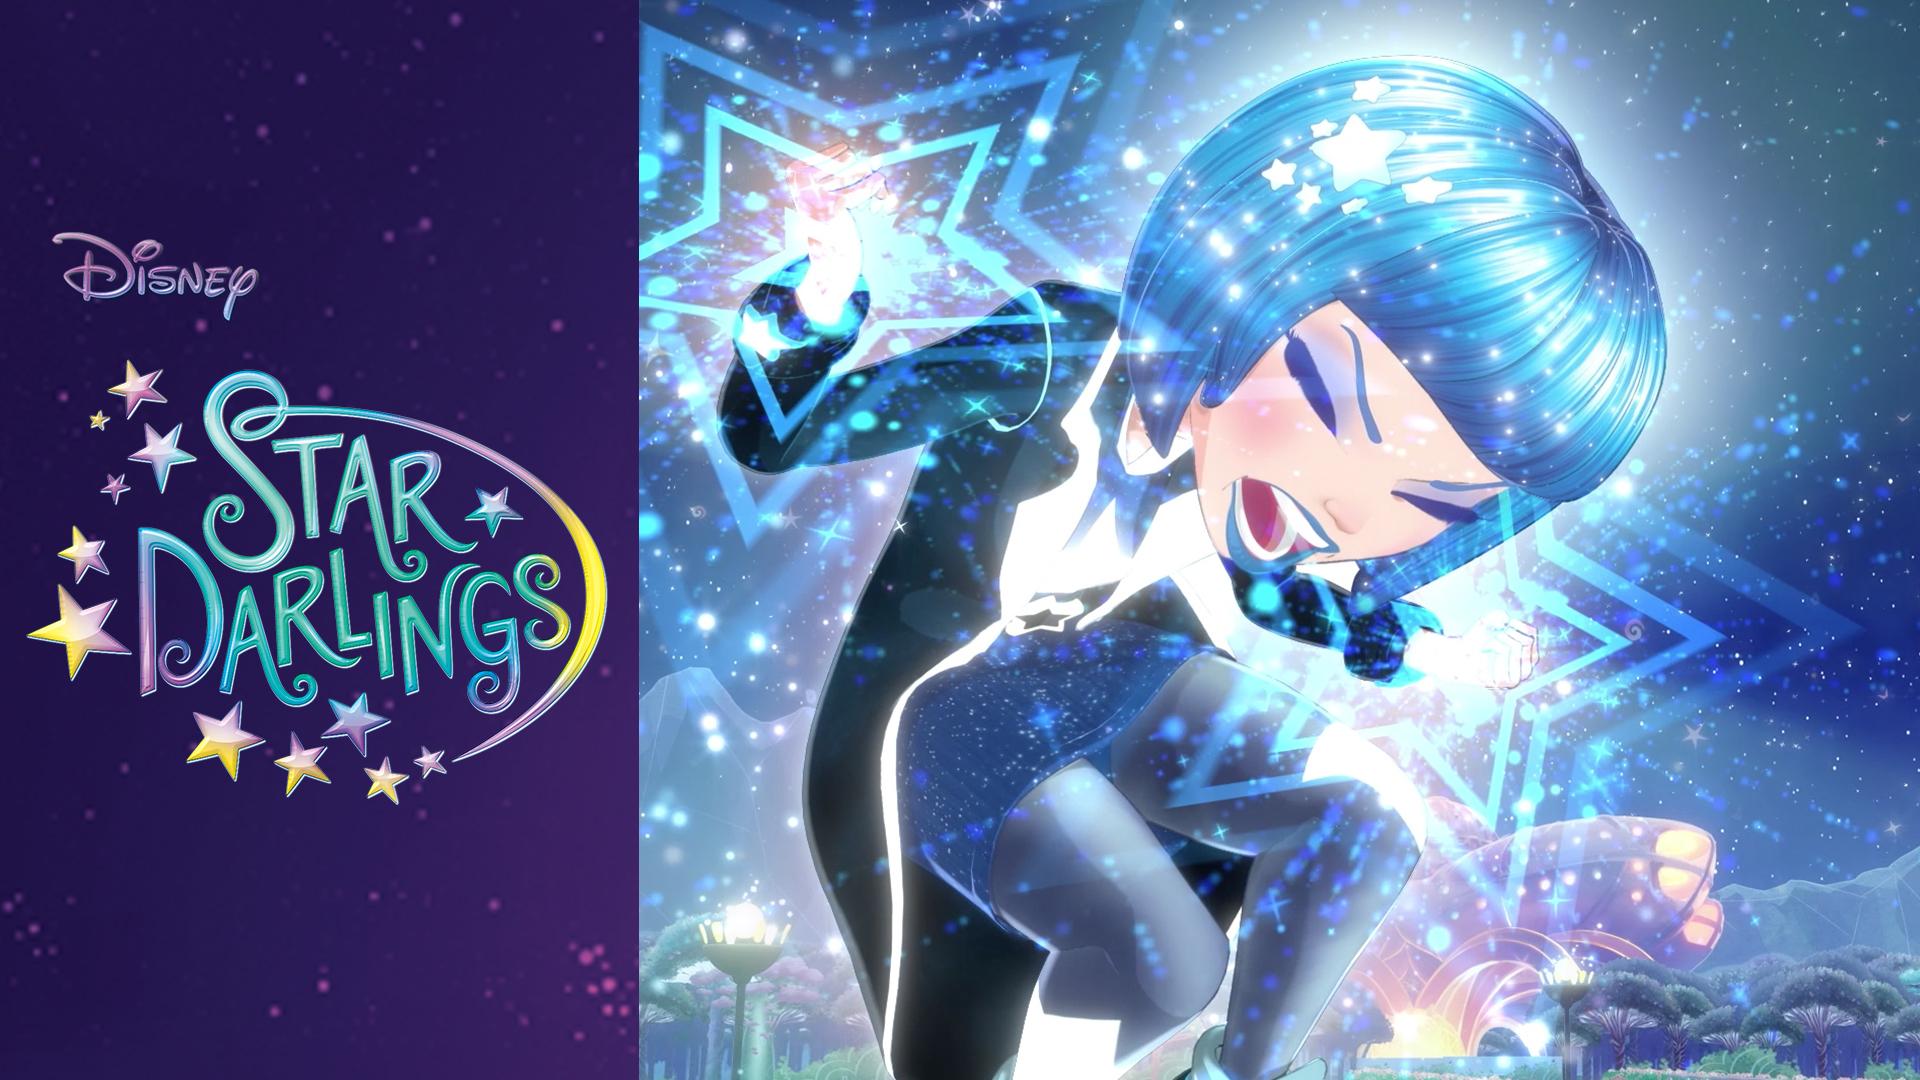 Just Dancing - Episode 10 - Disney's Star Darlings